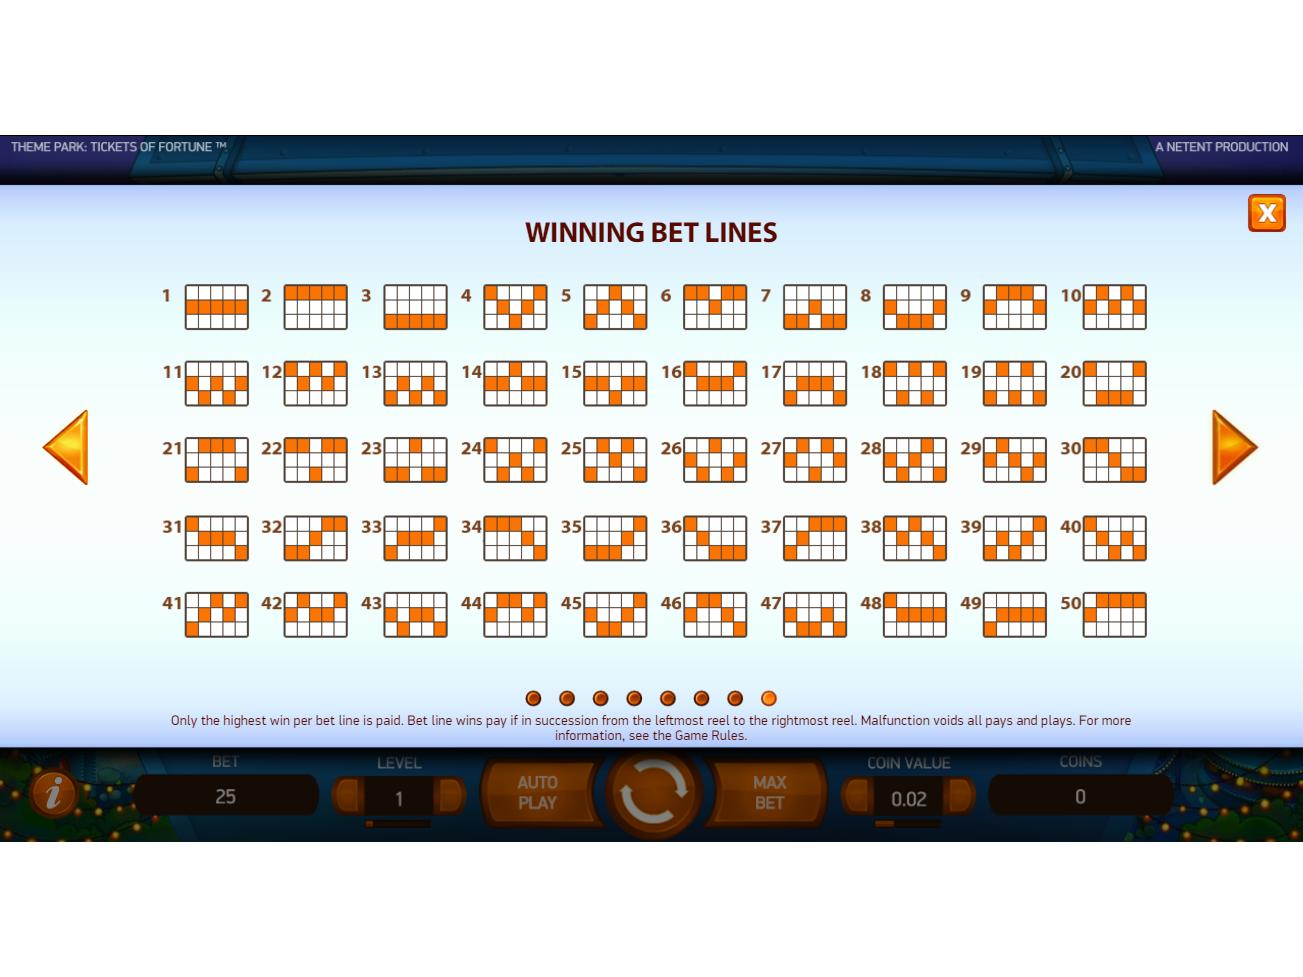 Jetzt Theme Park: Tickets of Fortune online spielen